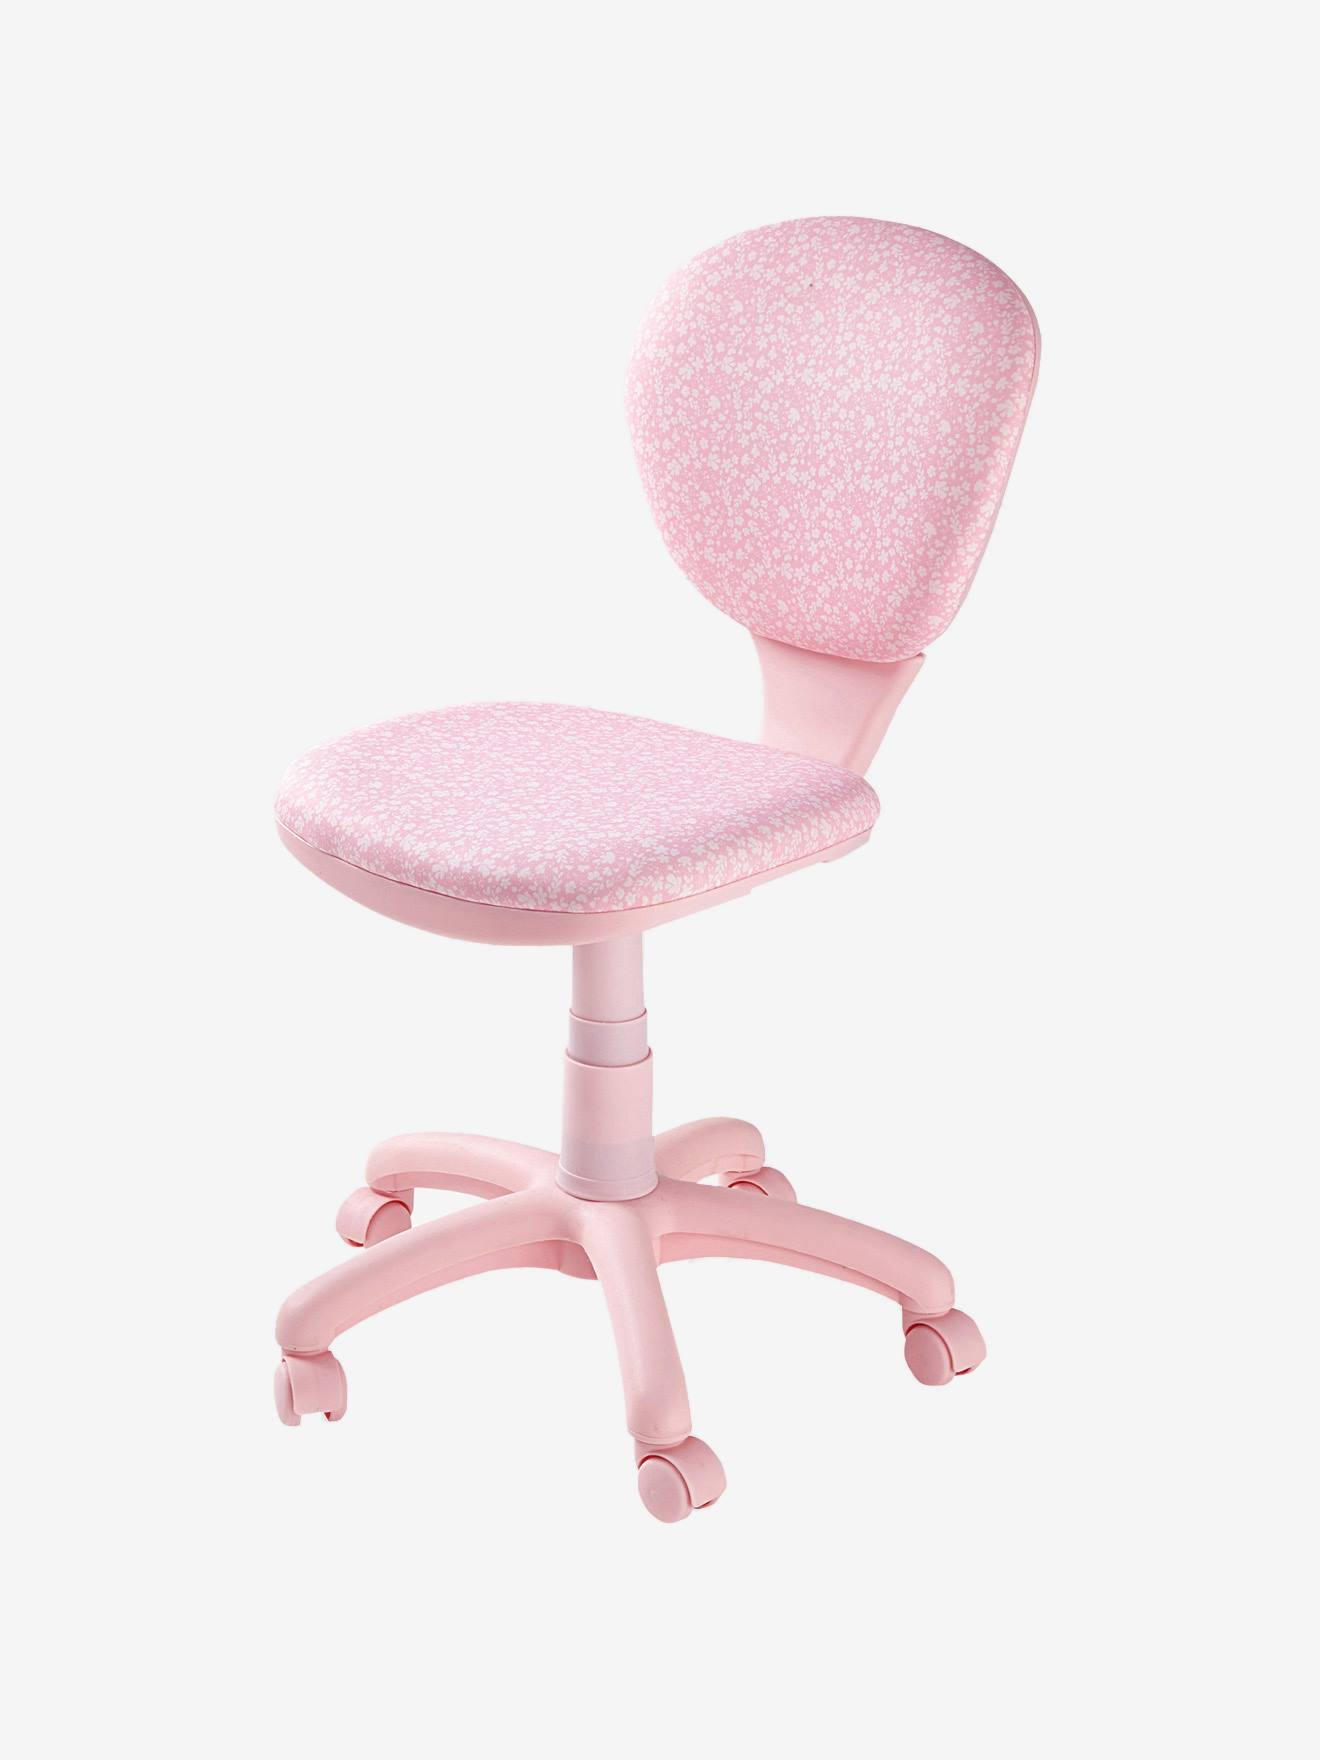 Silla de escritorio con ruedas flores rosa flores vertbaudet for Silla escritorio sin ruedas